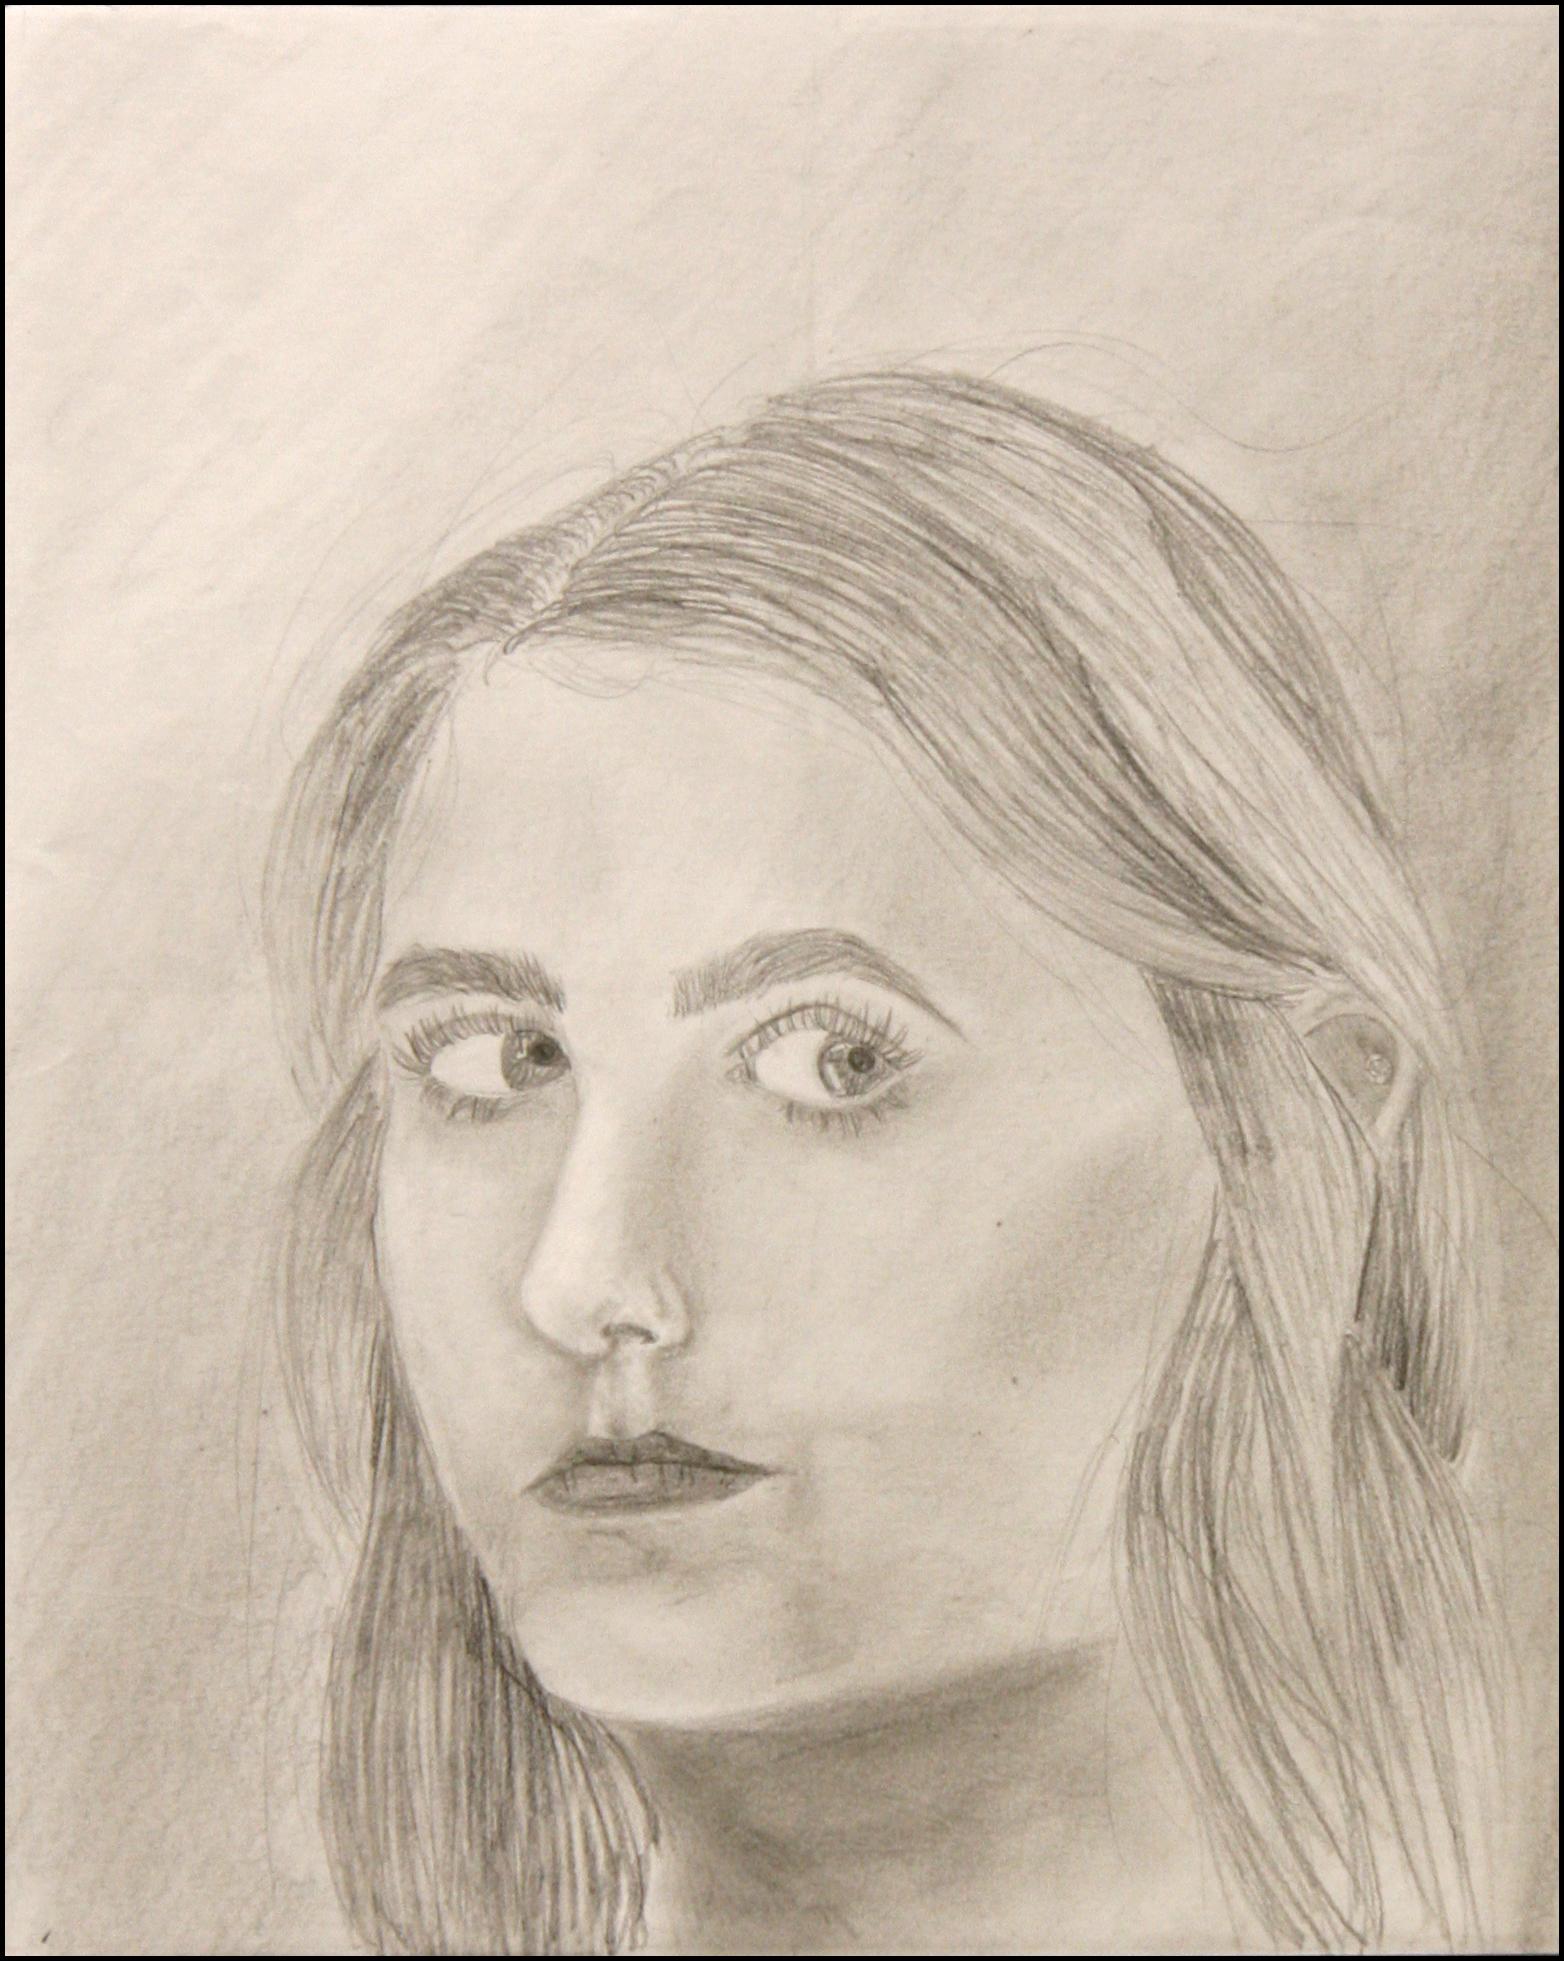 Hayley Grade 11